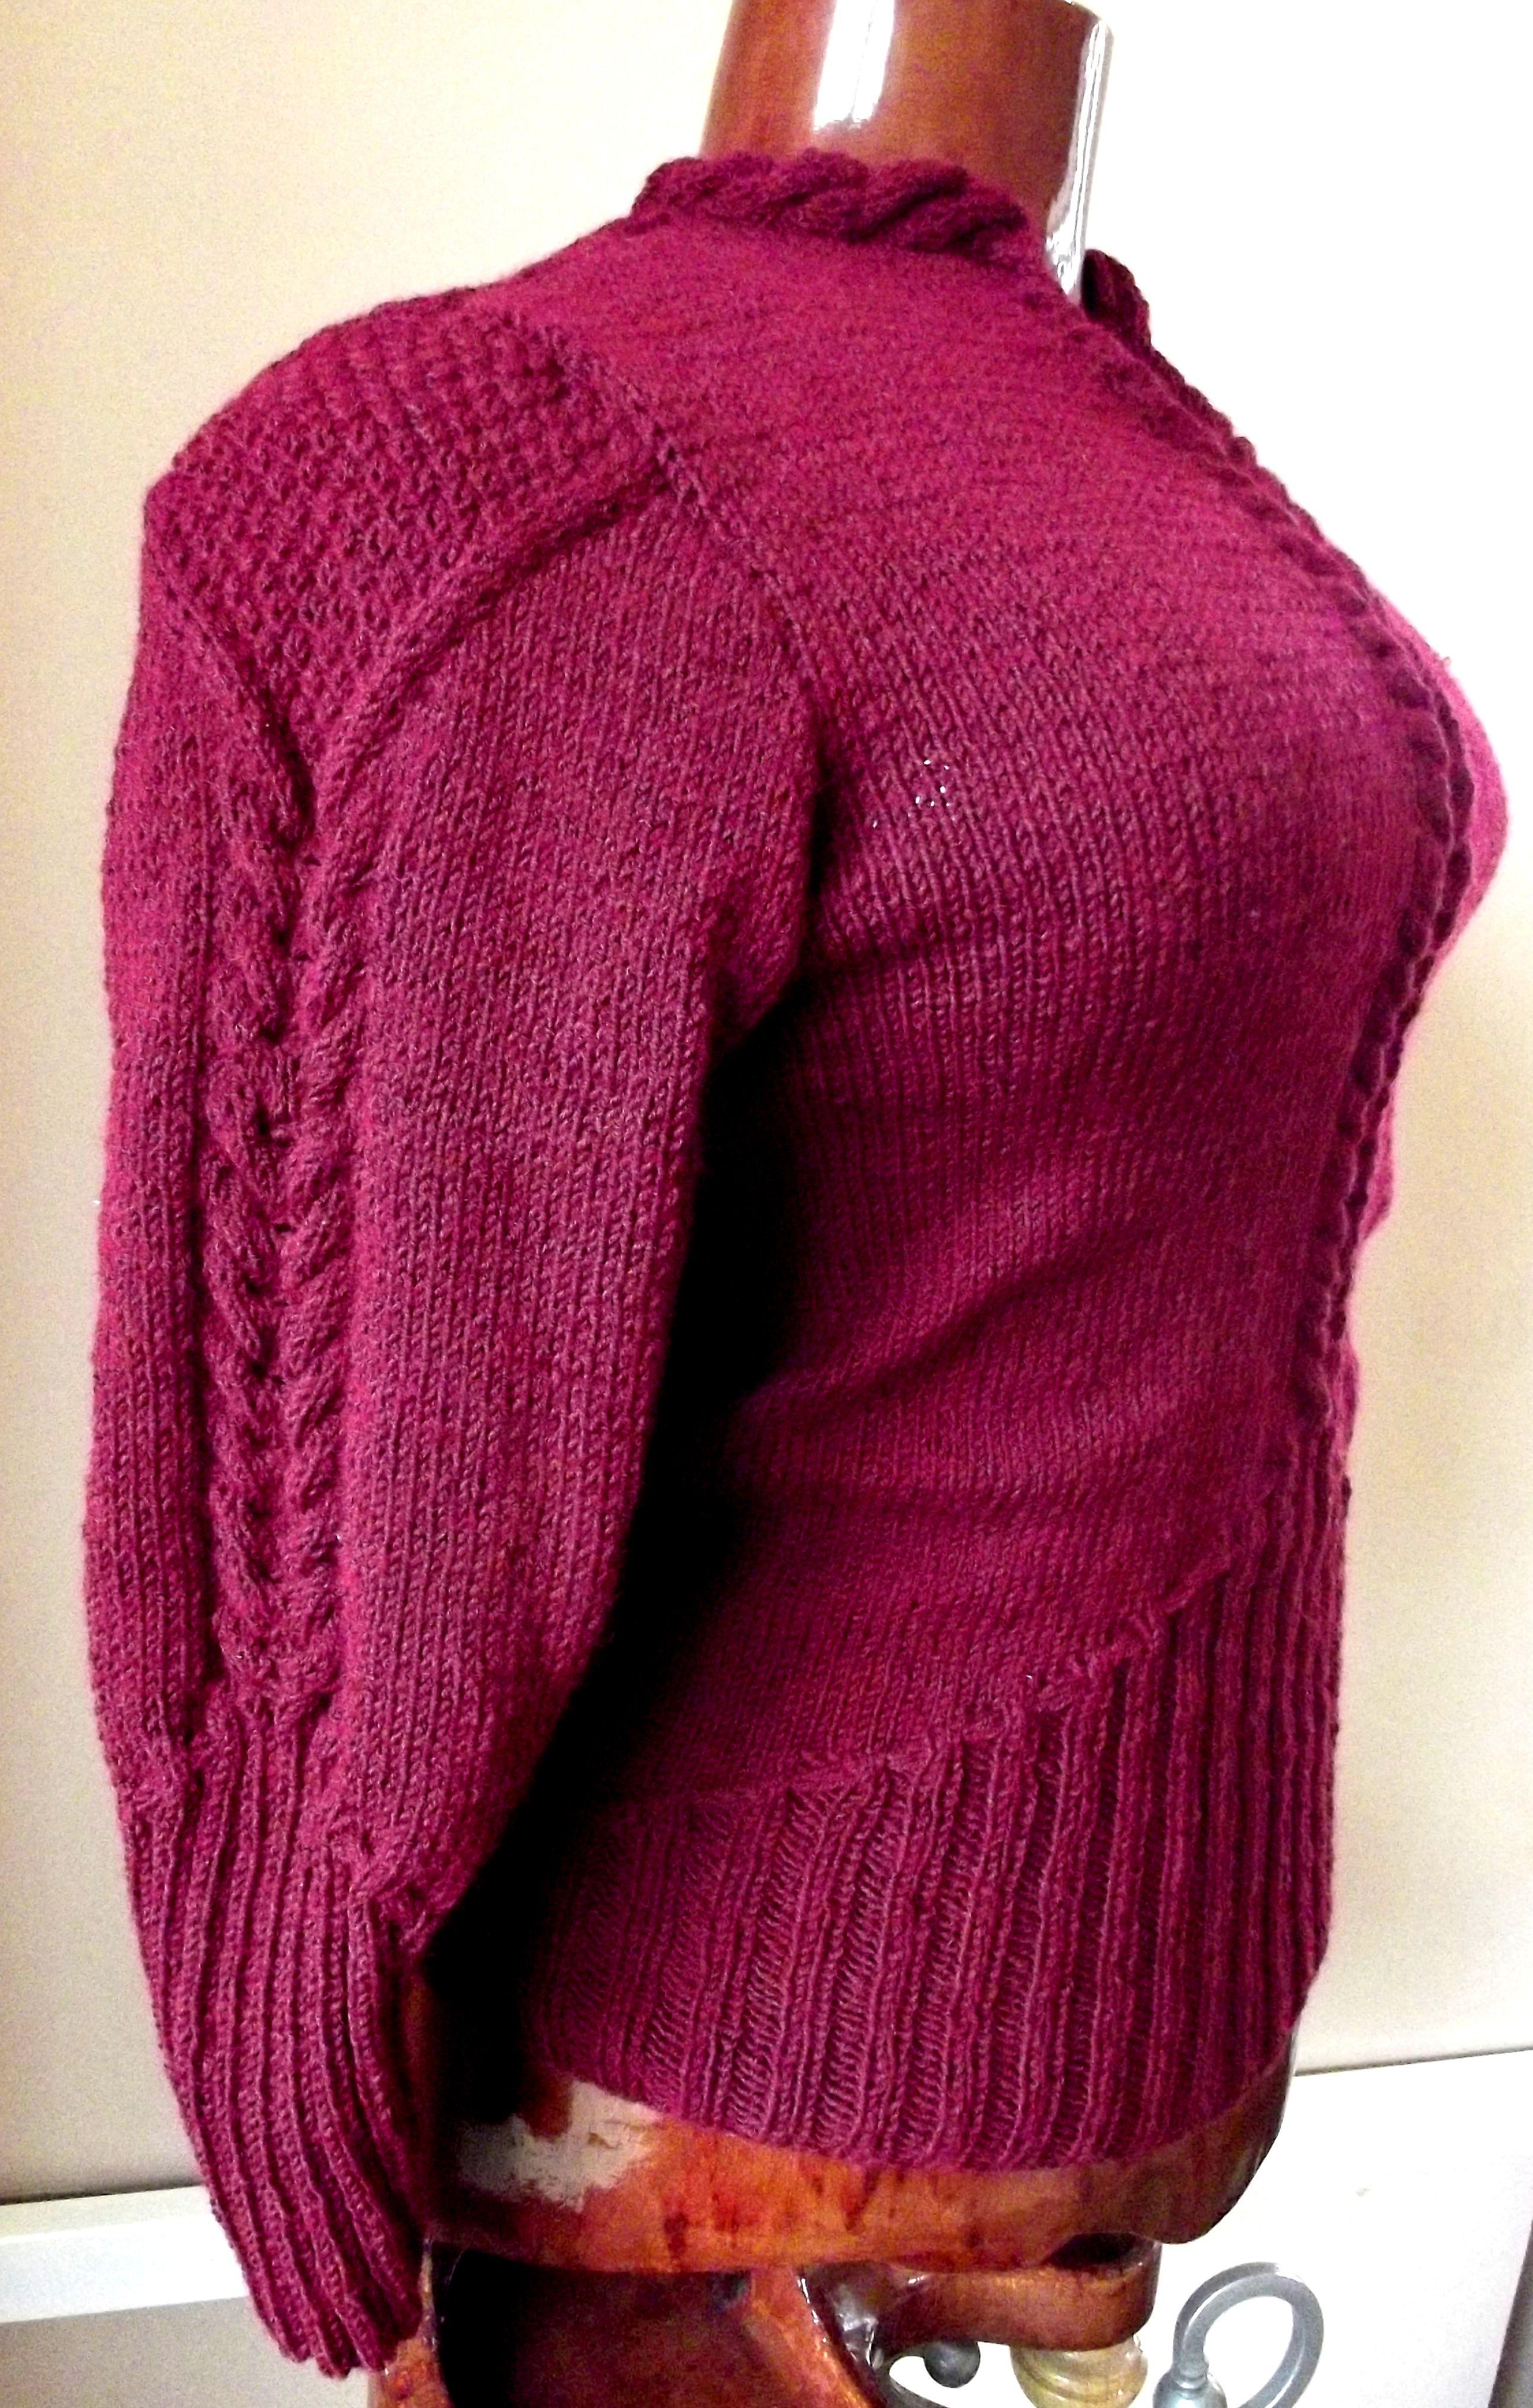 модный зимняя работа модель женский ручное джемпер ручная вязание теплый трикотаж авторская